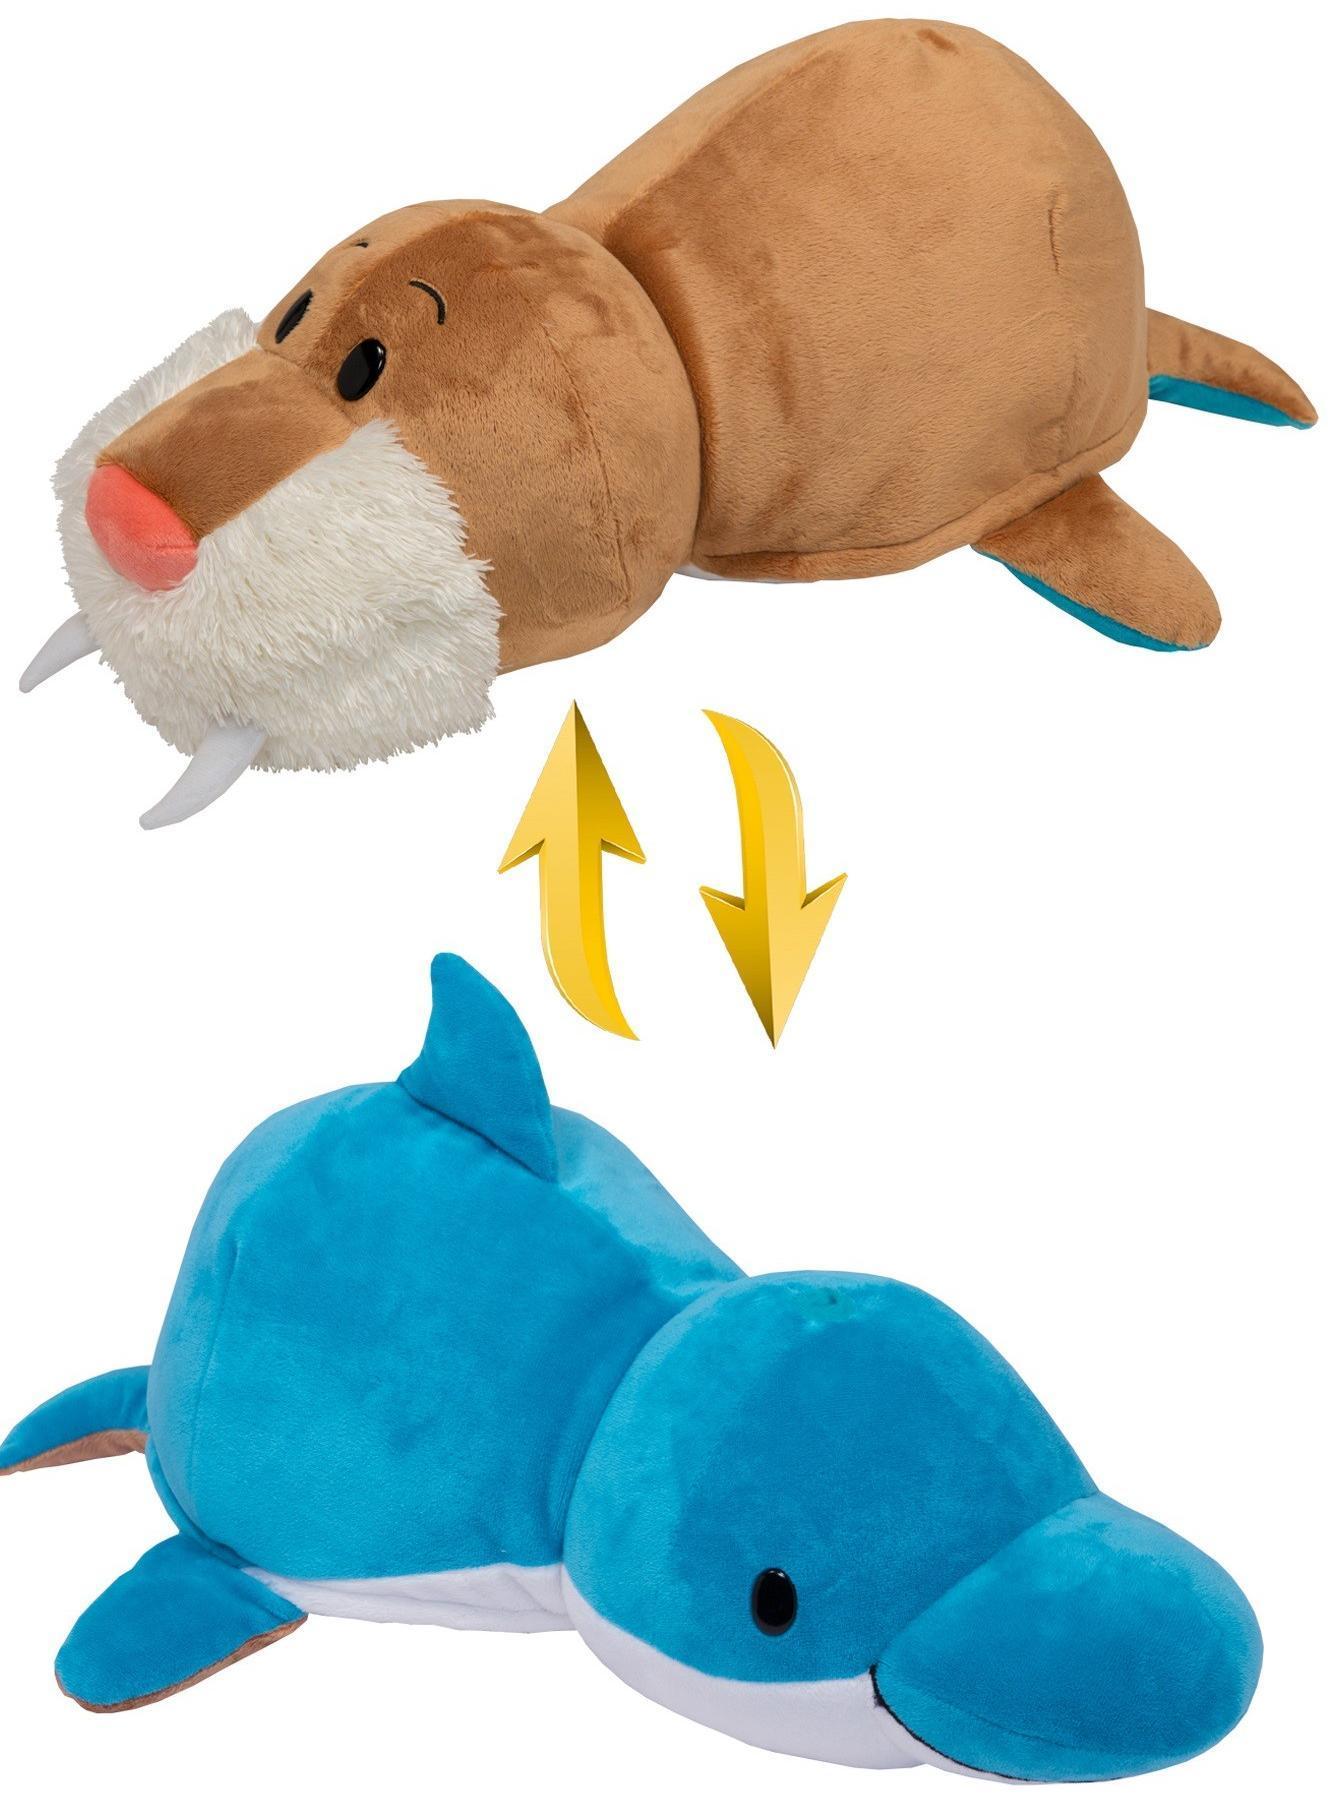 Купить 1Toy Морж - Дельфин 20 см - мягкая игрушка вывернушка, Вывернушки 1Toy, Китай